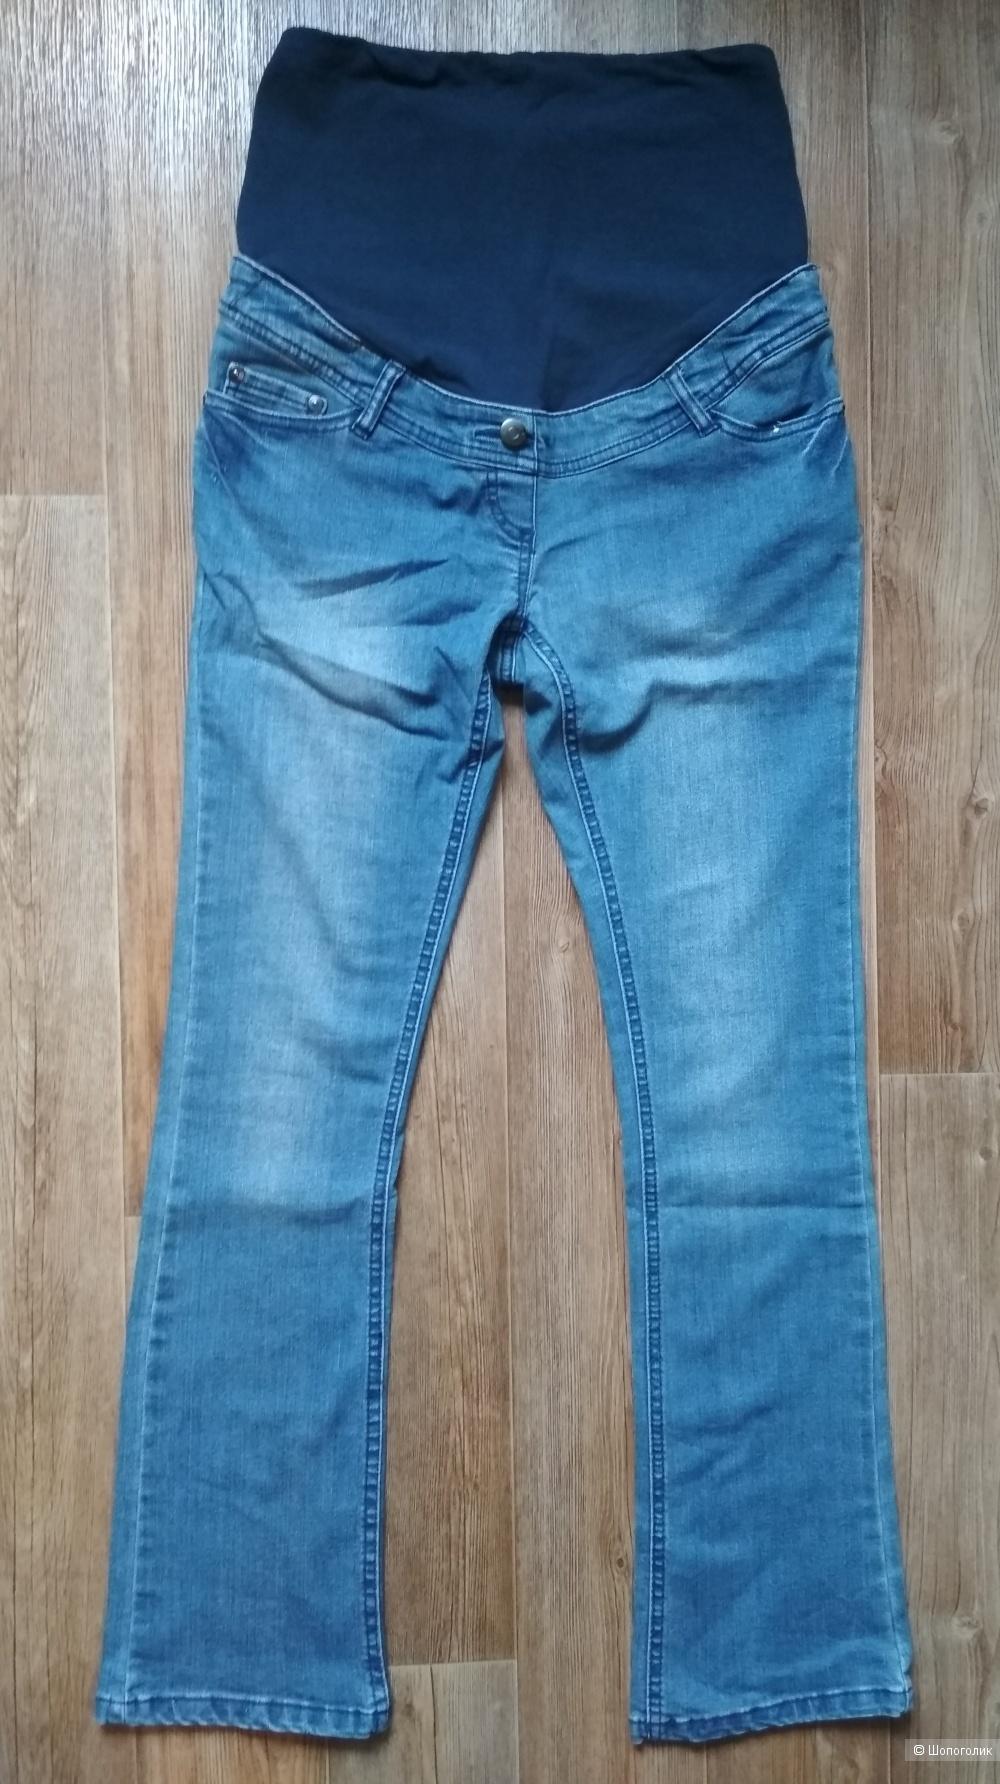 Сет джинсы vertbaudet и платье esmara размер 44/46